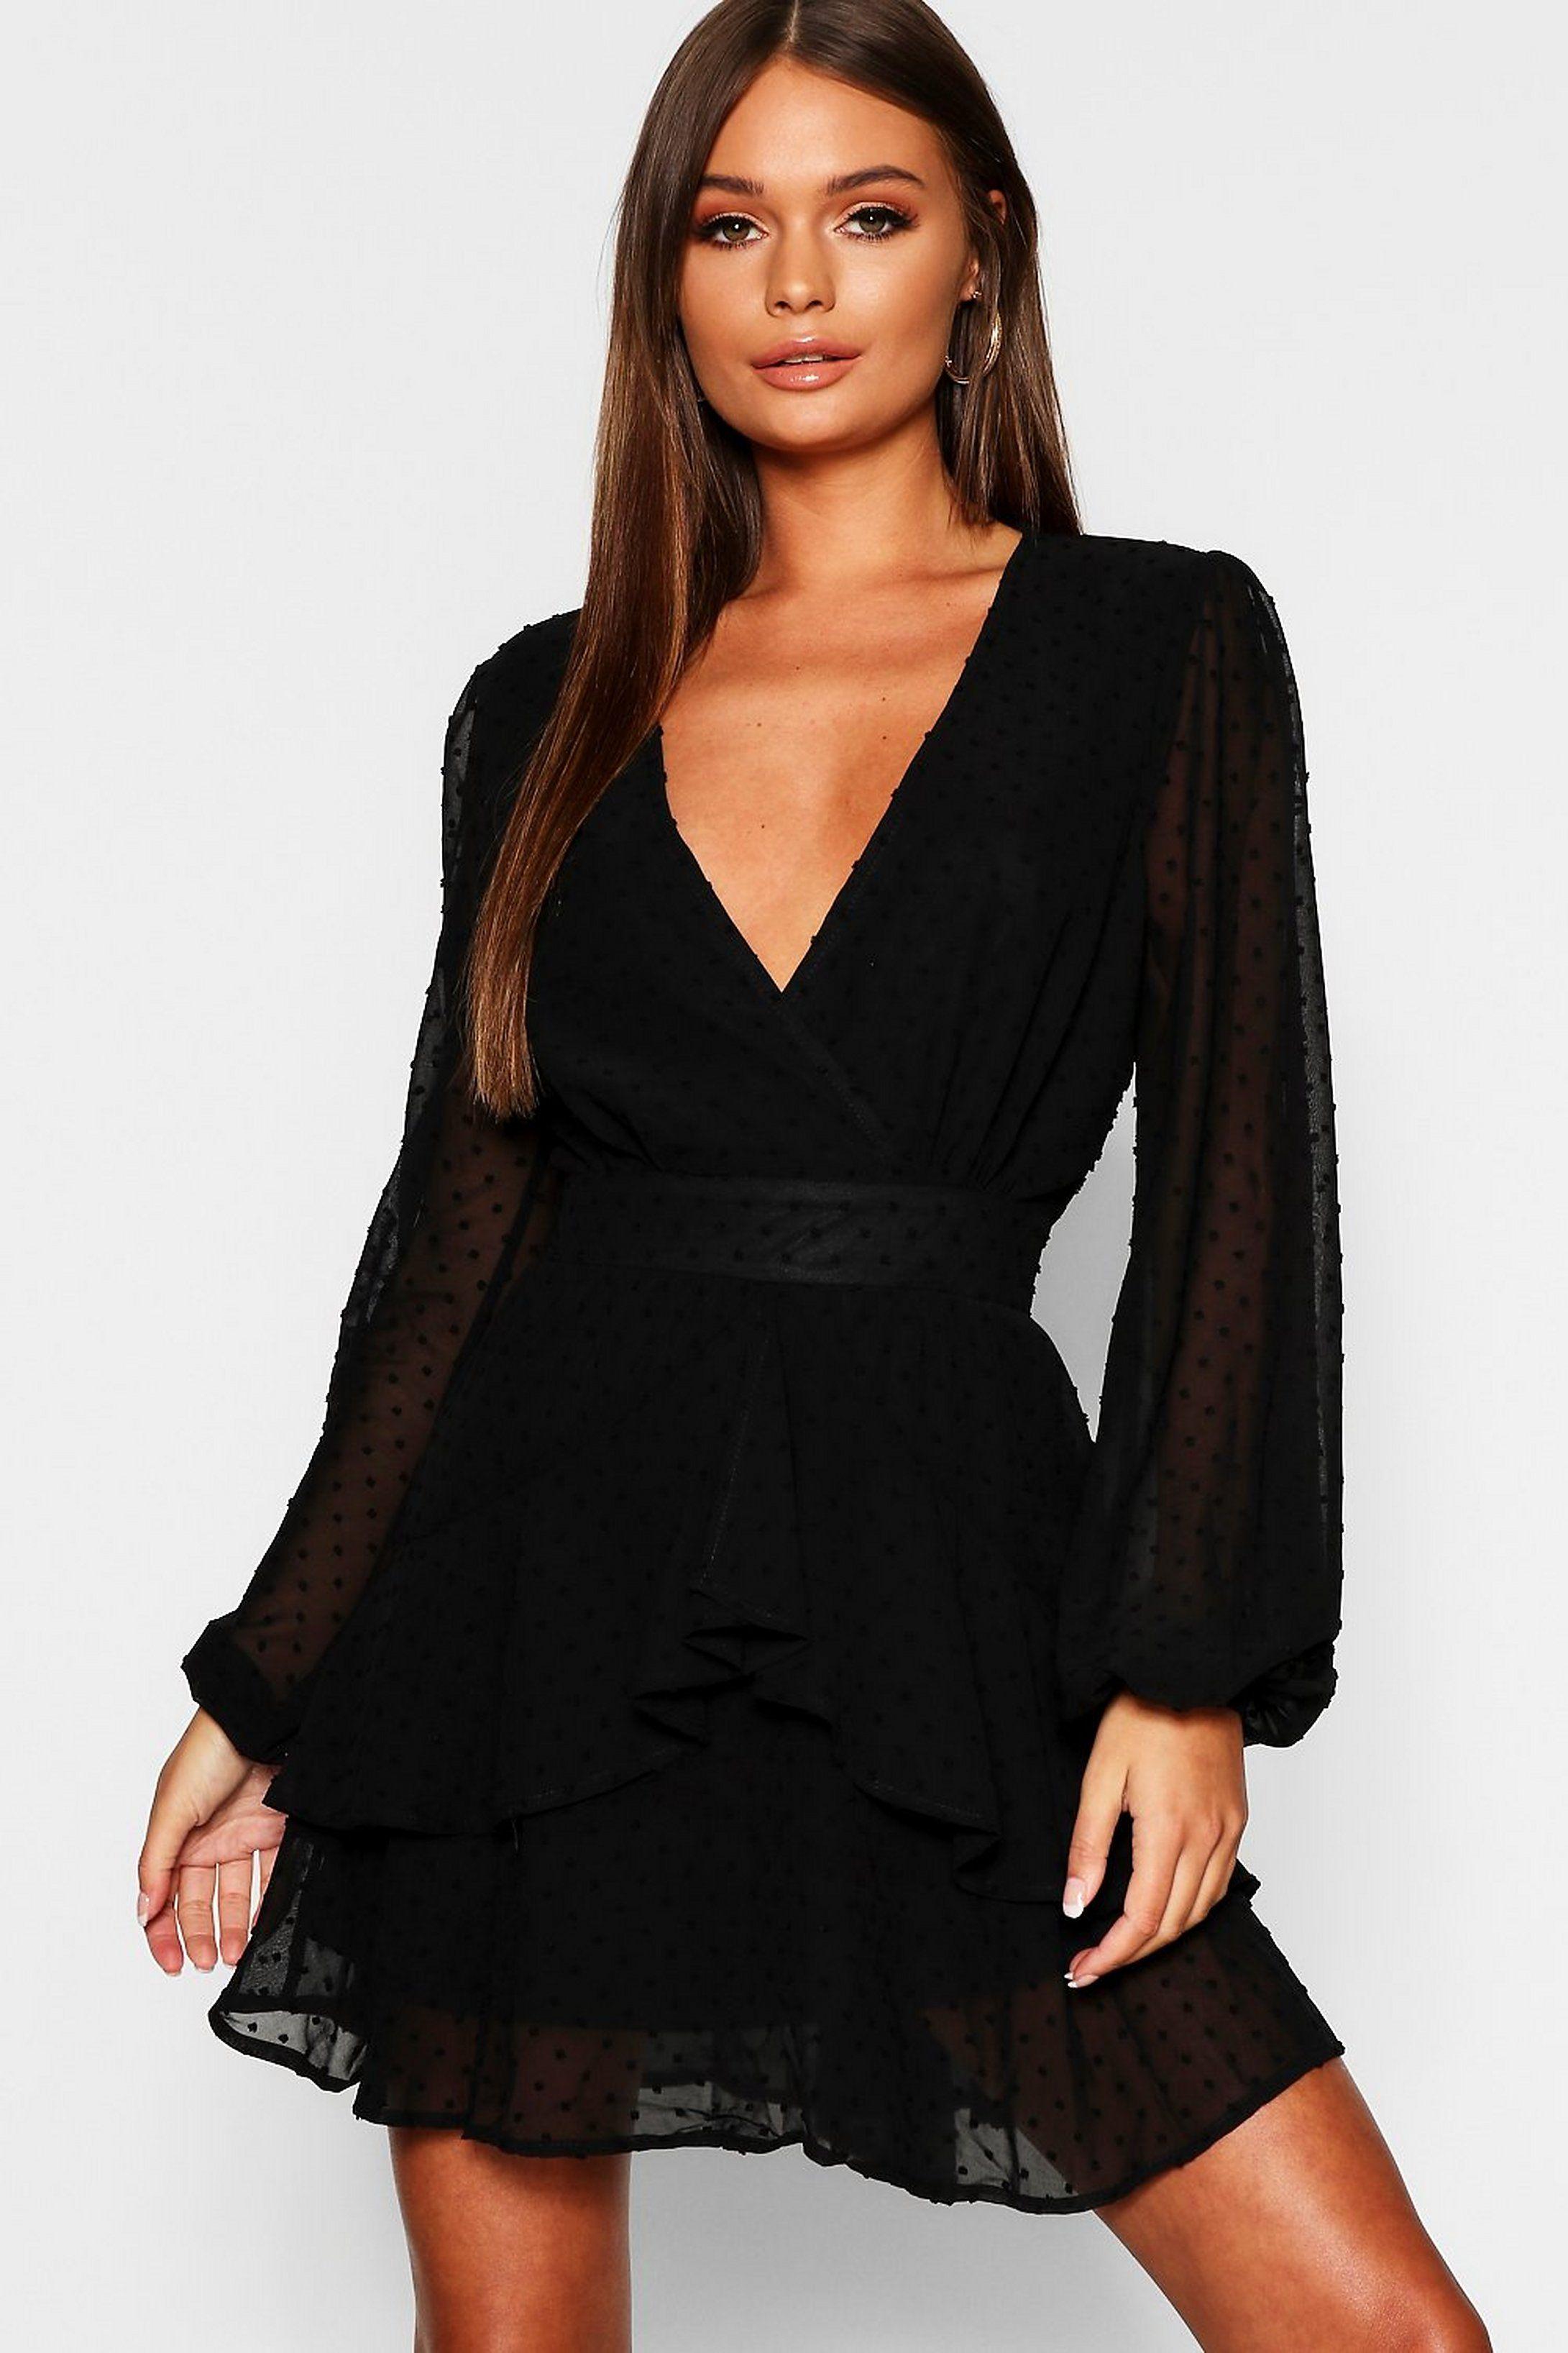 Ruffle Hem Dobby Chiffon Mini Dress Boohoo Mini Dress Long Sleeve Cocktail Dress Mini Black Dress [ 3272 x 2181 Pixel ]